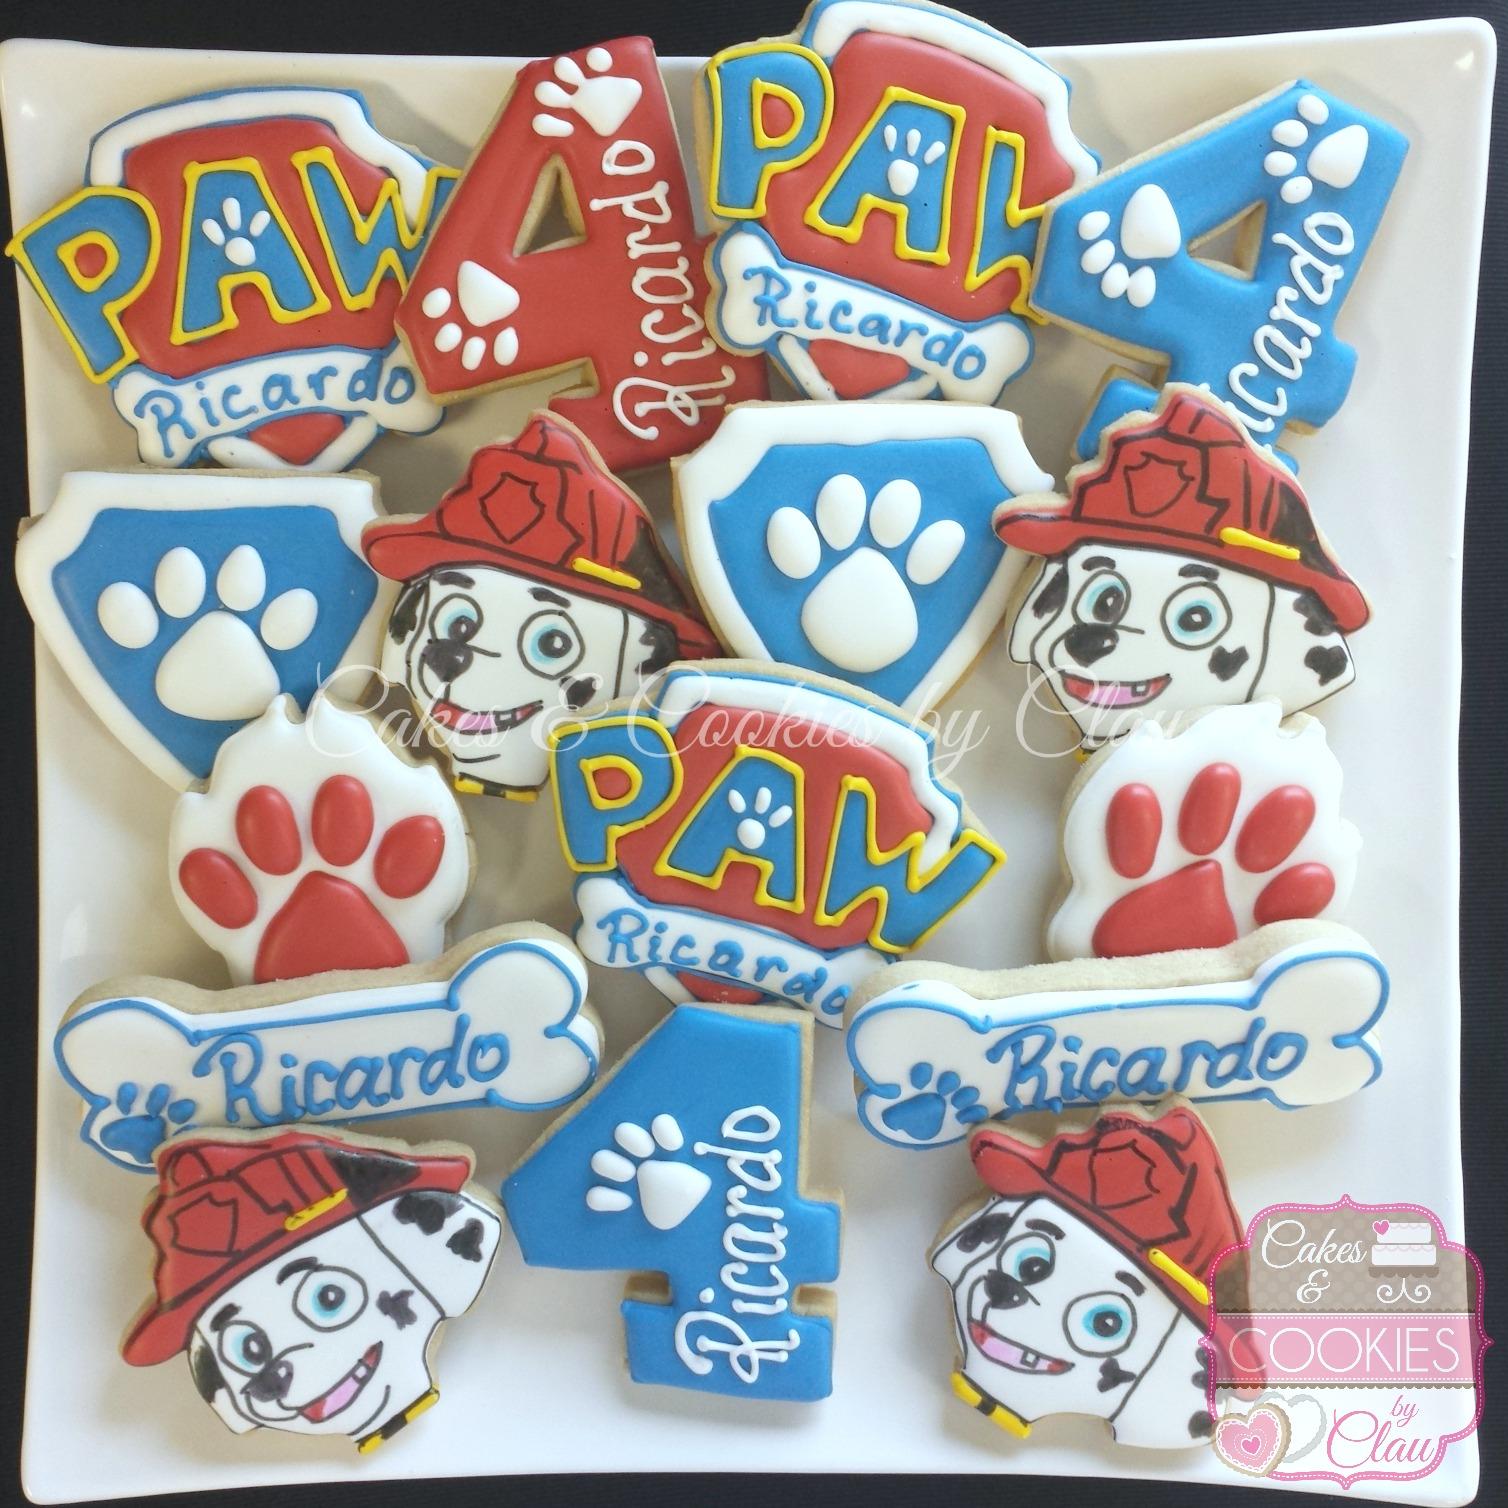 Paw Patrol - Ricardo